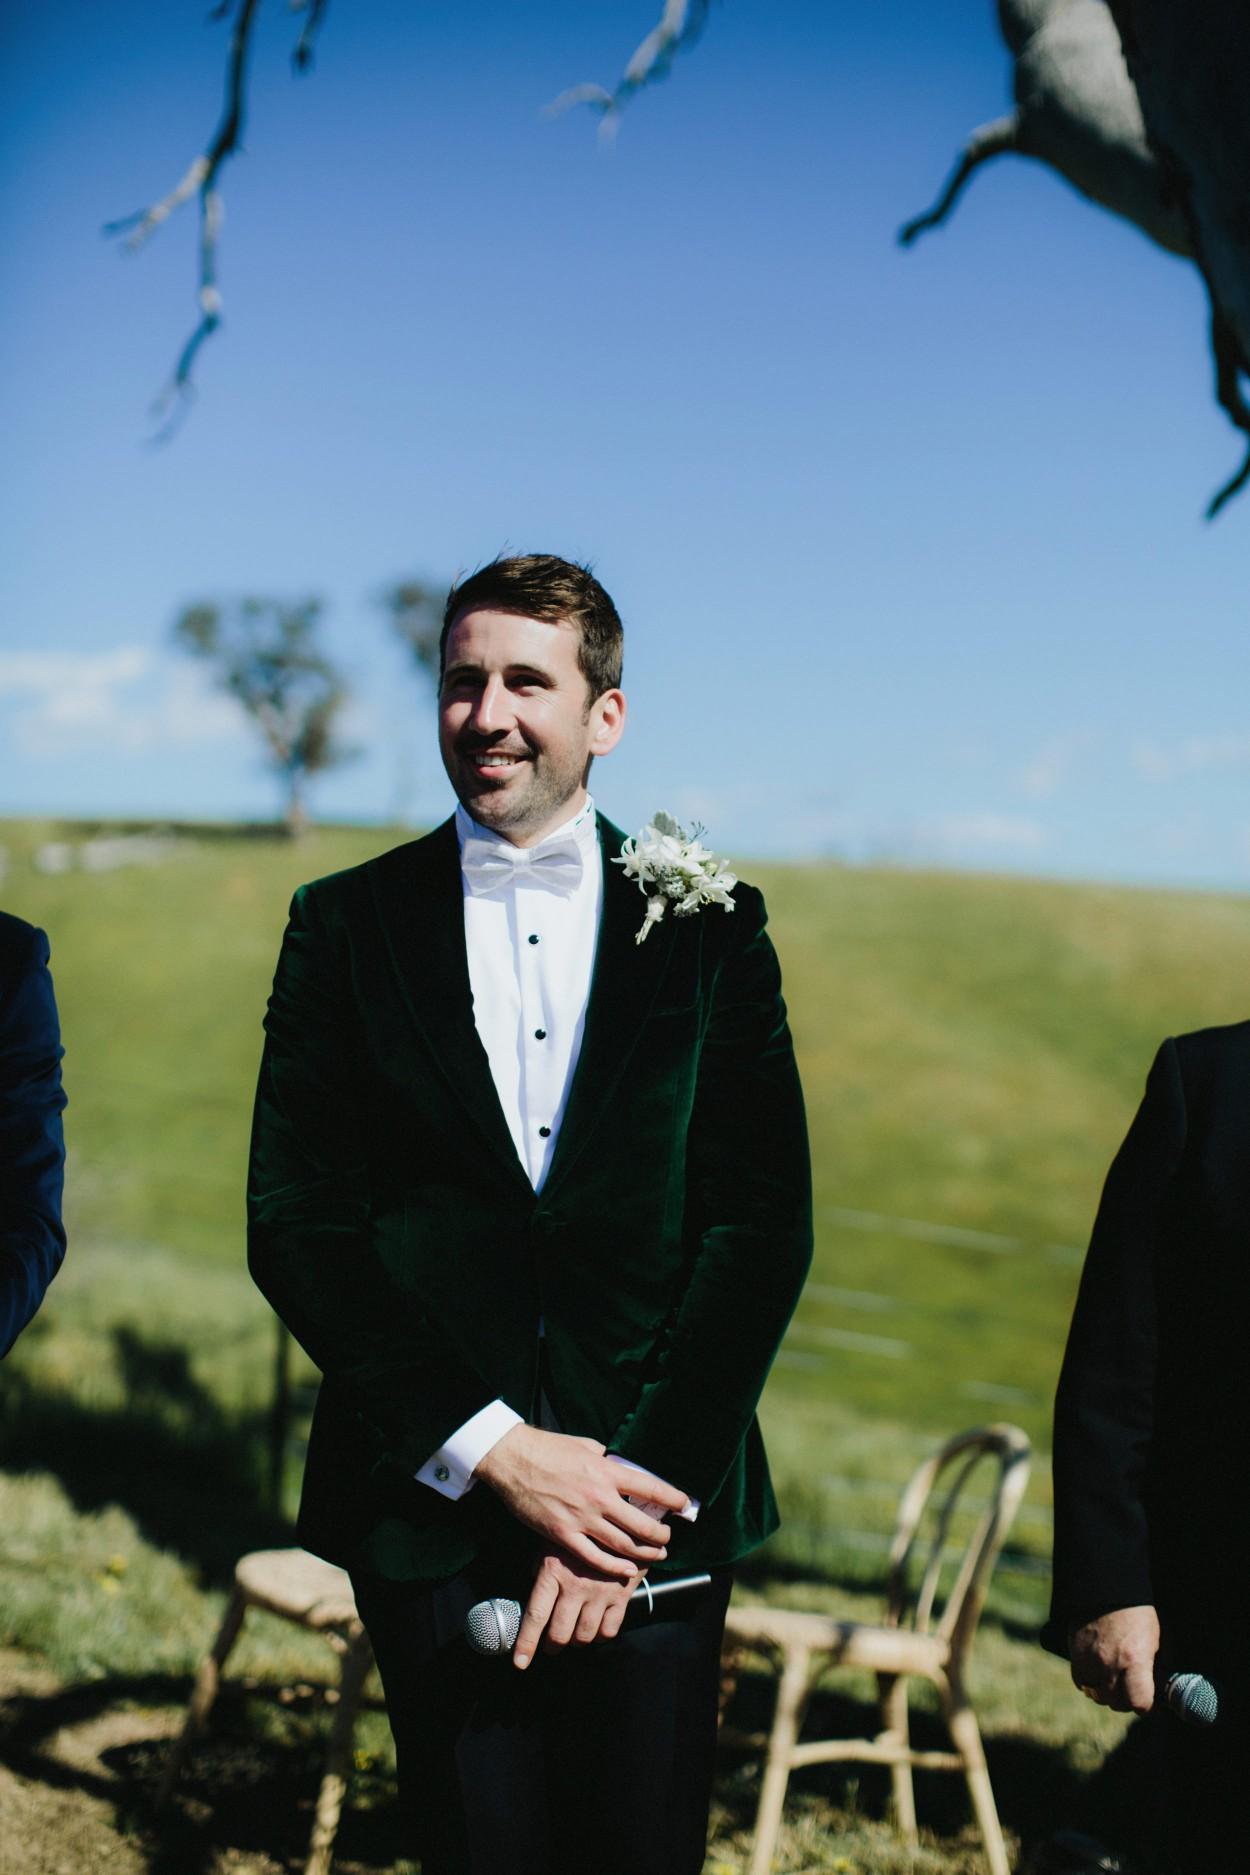 I-Got-You-Babe-Weddings-Farm-Wedding-Emma-Tim097.jpg